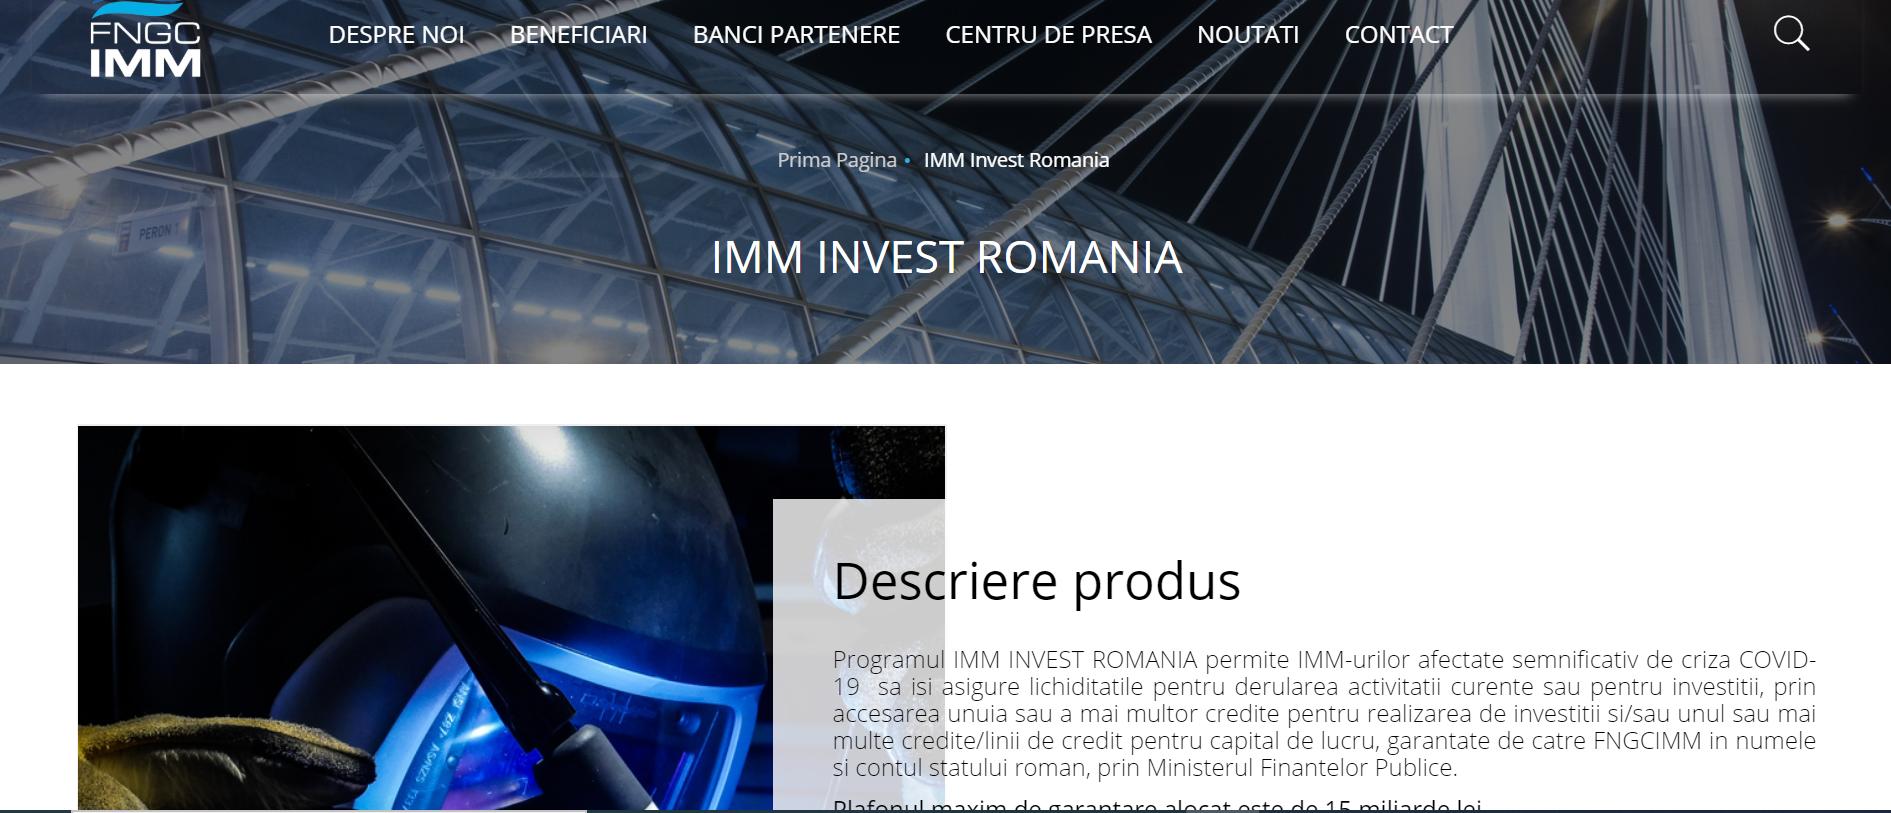 Procedura de înscriere în Programul IMM Invest se reia de azi de la zero